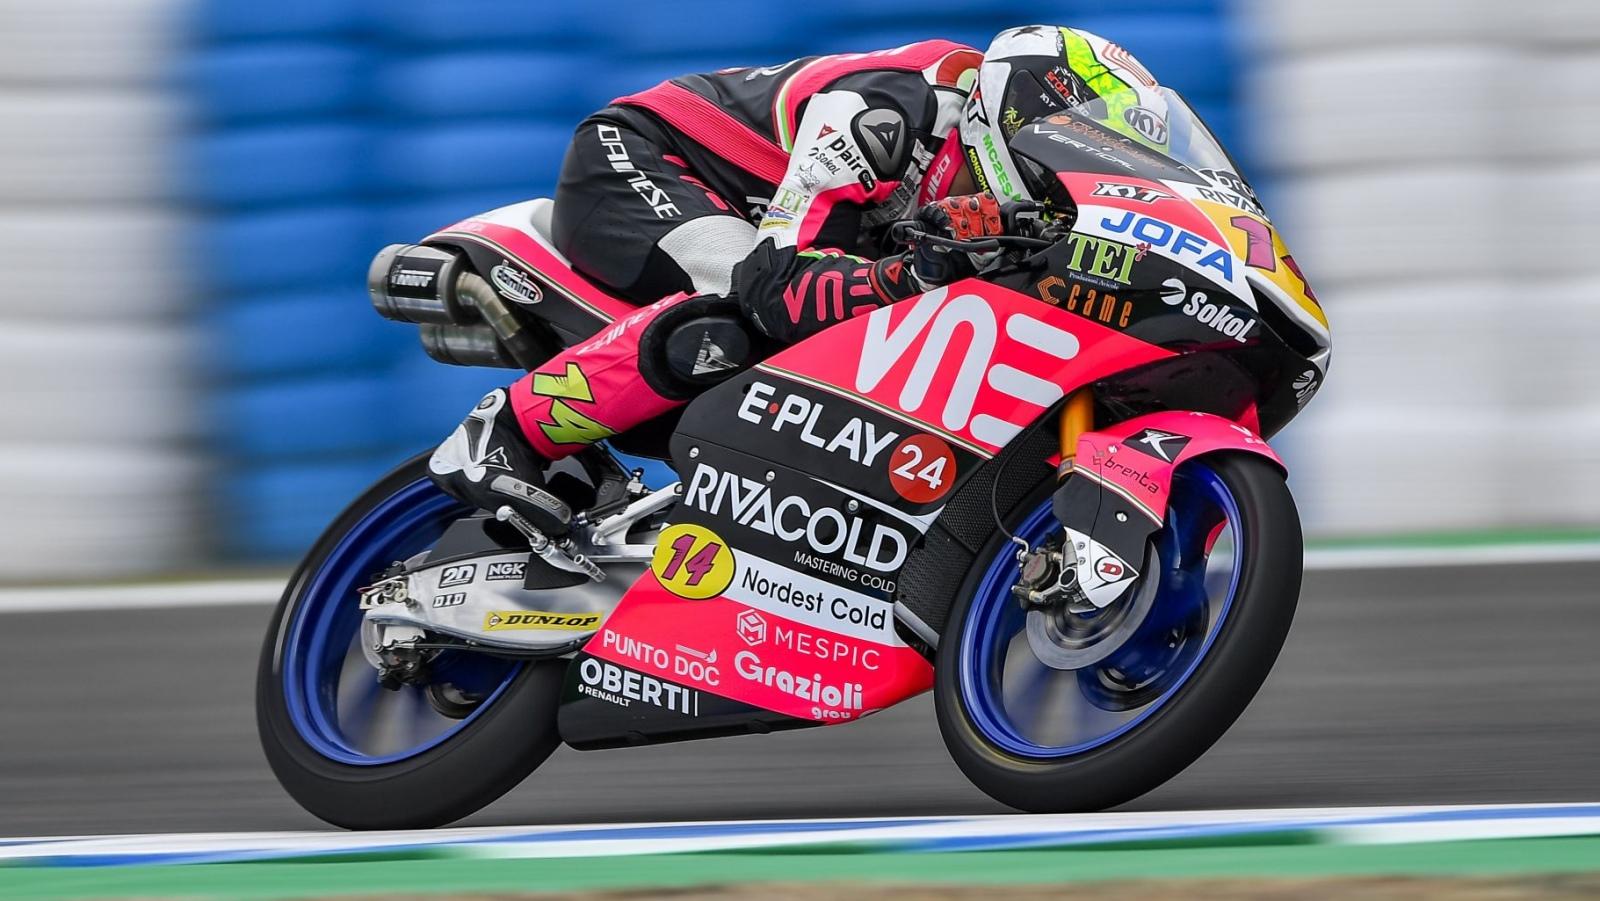 Tony Arbolino hace la pole de Moto3 triturando el récord de Mugello